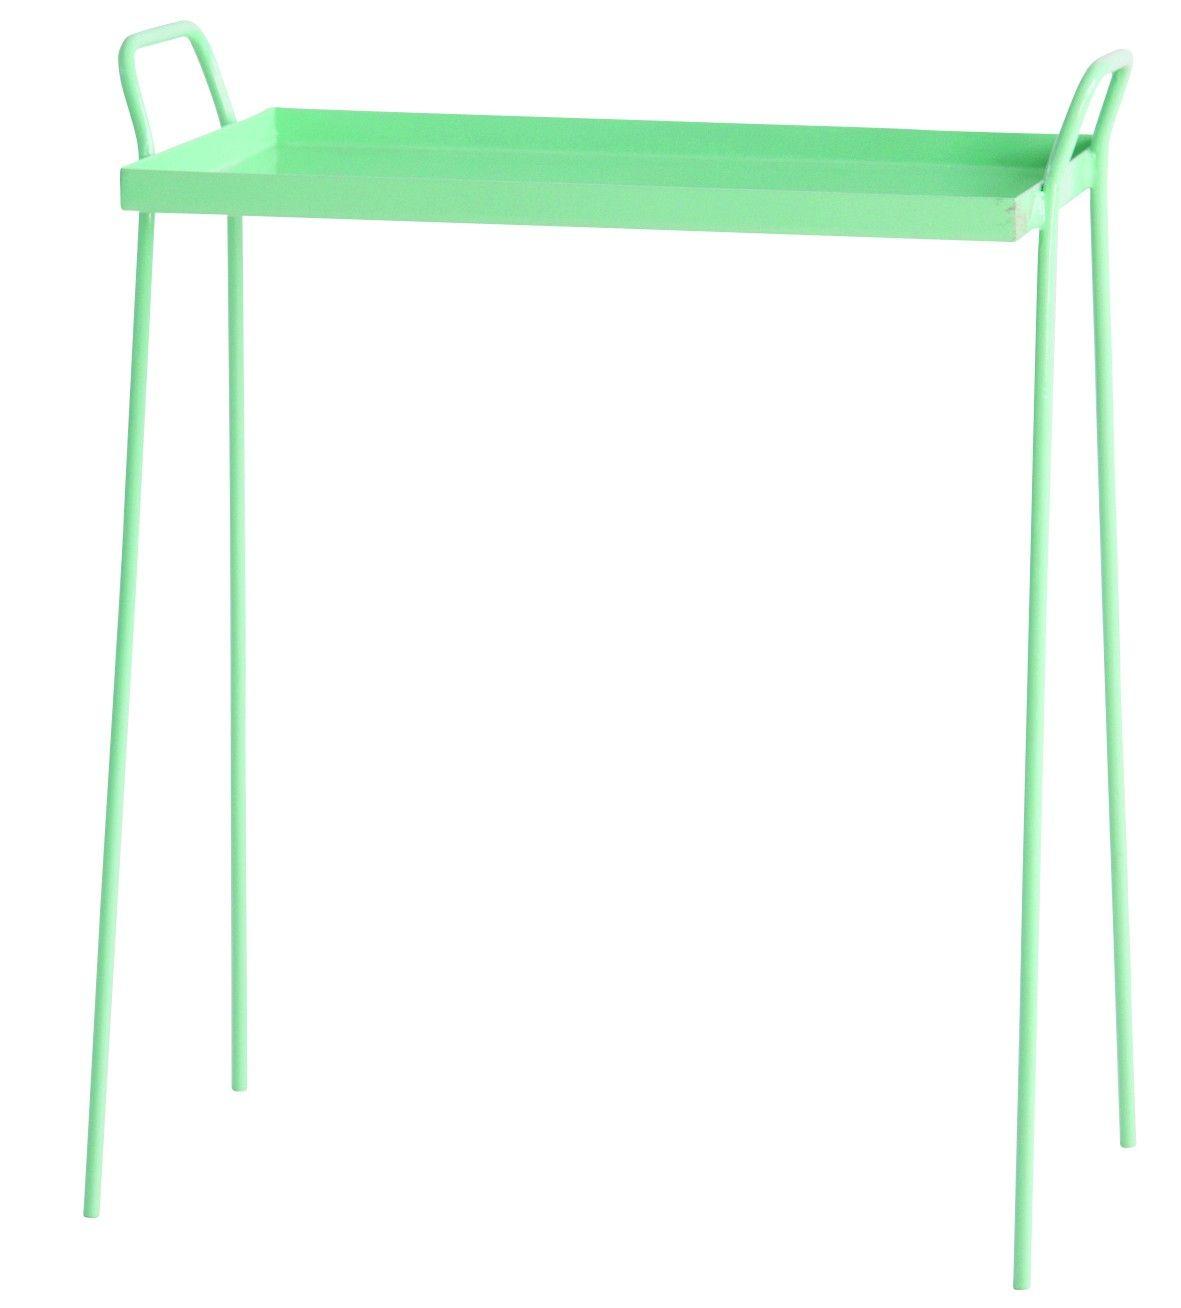 Bak Sidebord - Smart håndfremstillet bakkebord i trendy pastel grøn. Dette fine bakkebord kan tjene mange forskellige funktioner og er et lille og praktisk møbel som kan fuldende et rum. Anvend bordet som sidebord, lampebord, til at stille kaffekopperne på når du sidder i sofaen m.m.